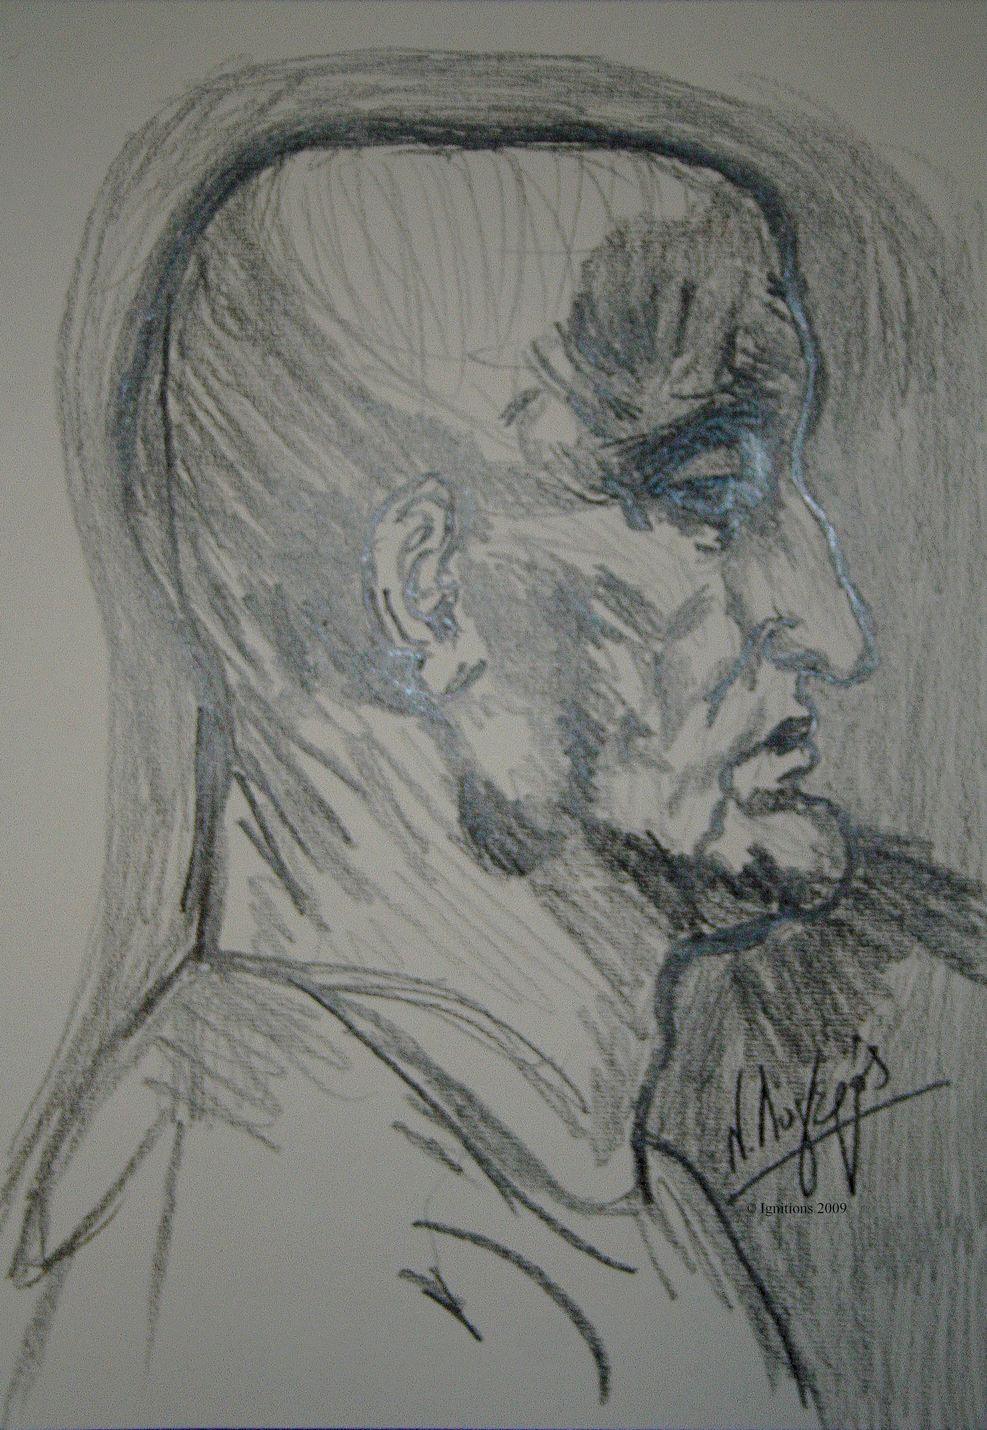 Etude de profil d'un homme chauve de Leonardo da Vinci.